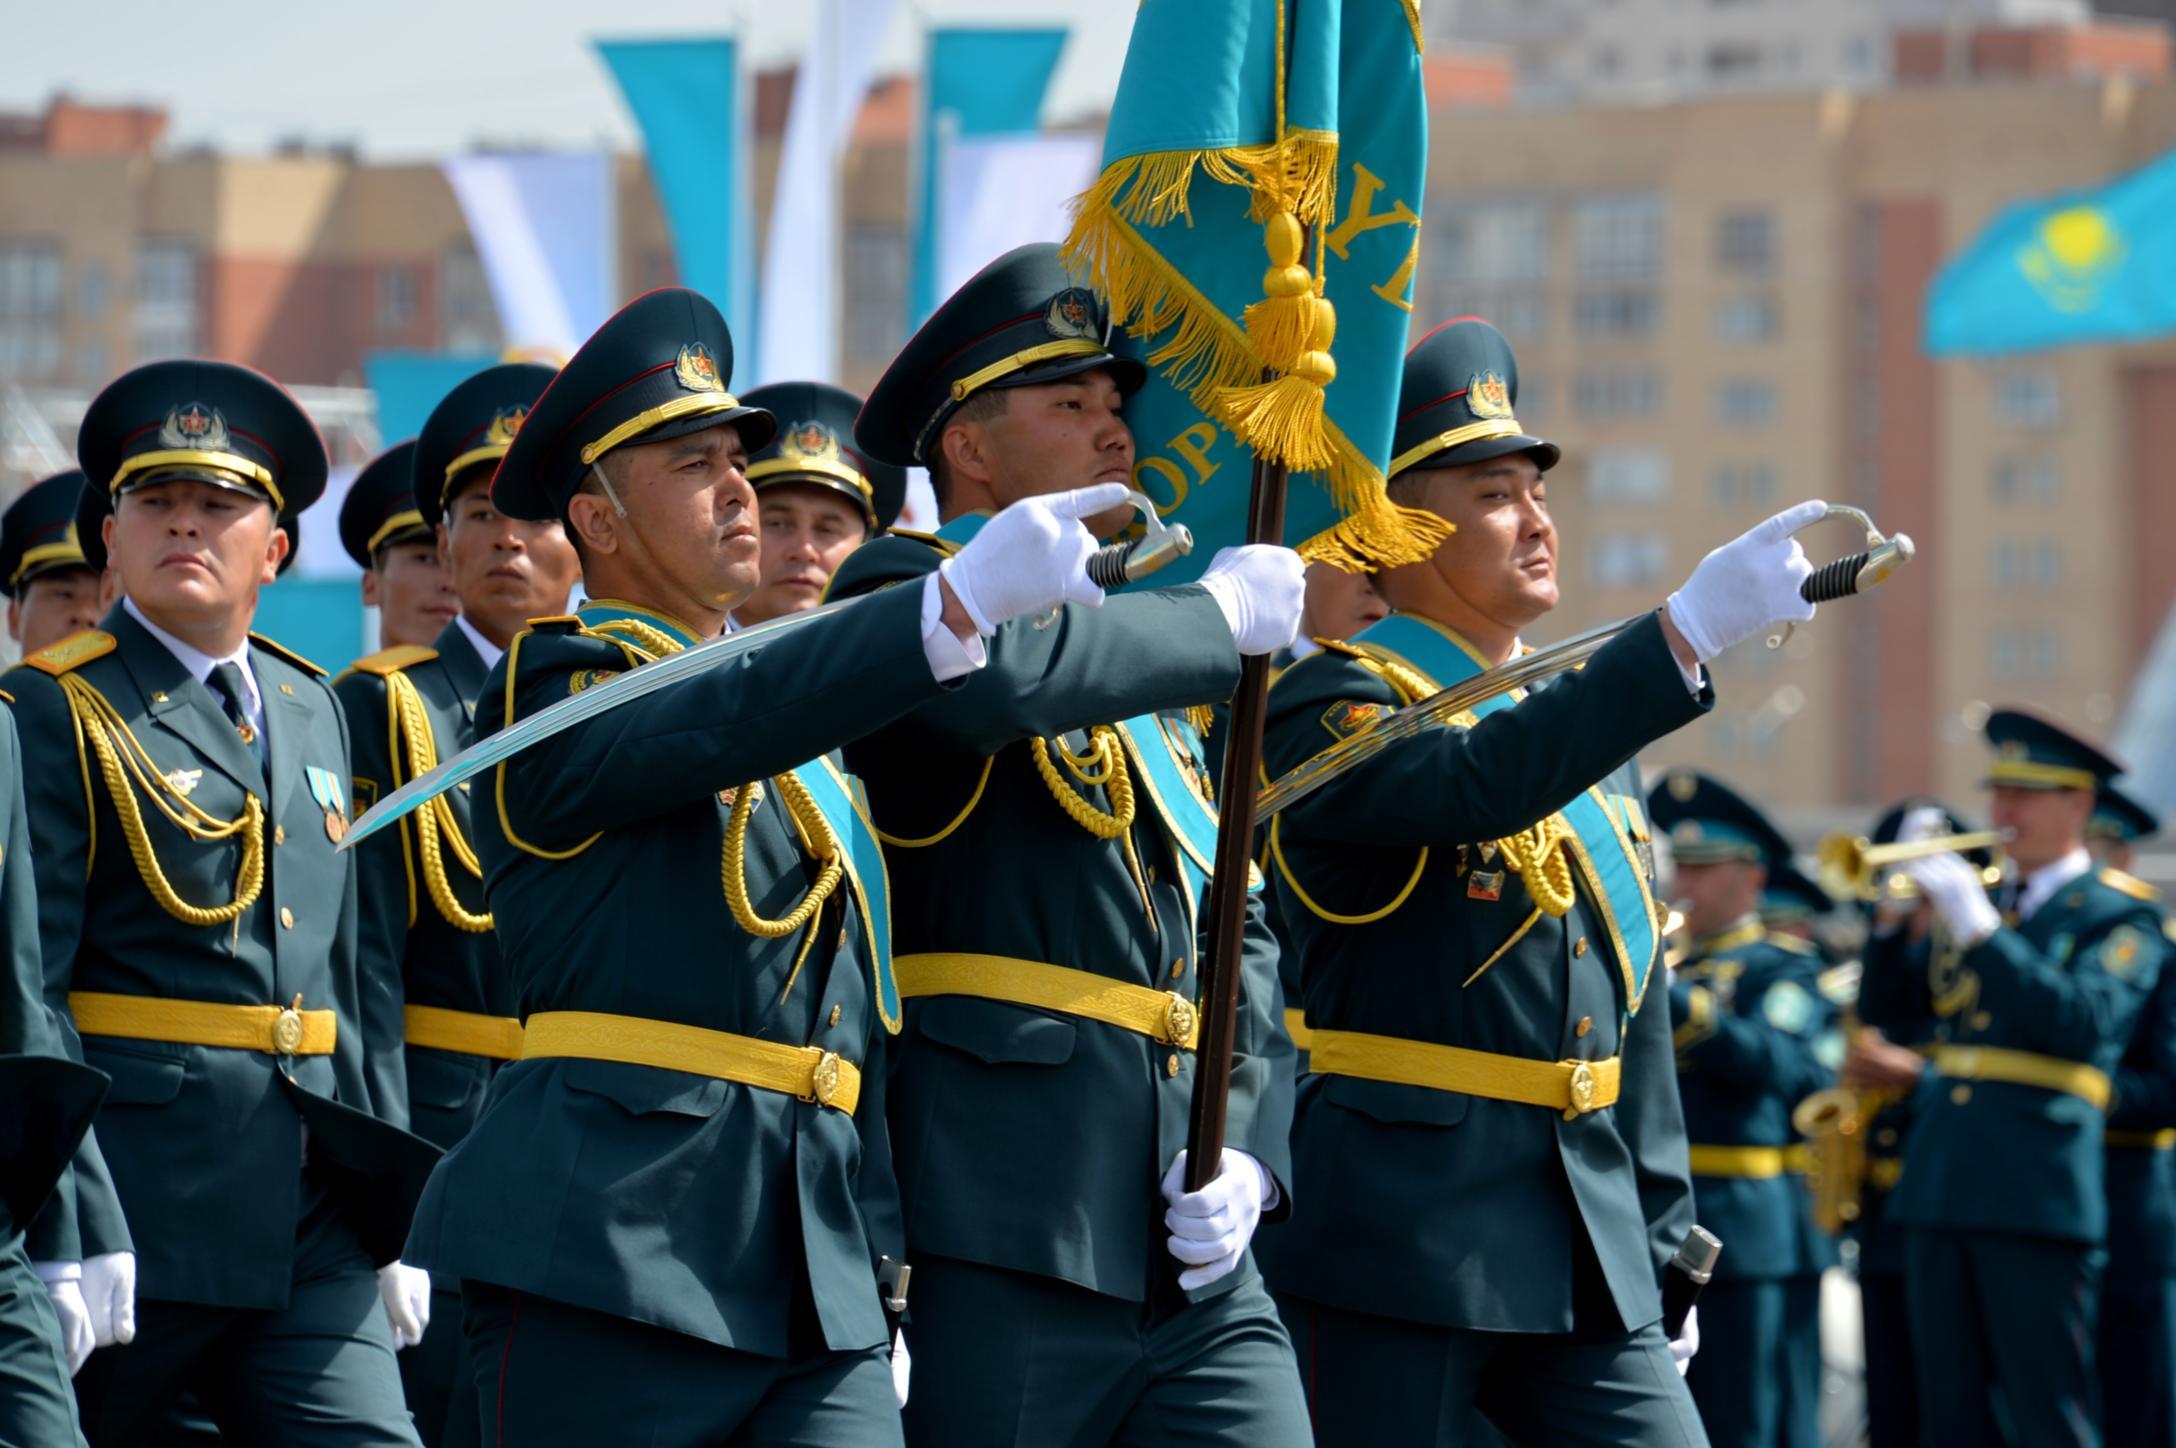 Казахстанские военнослужащие отправились на Всемирные армейские игры в Китае